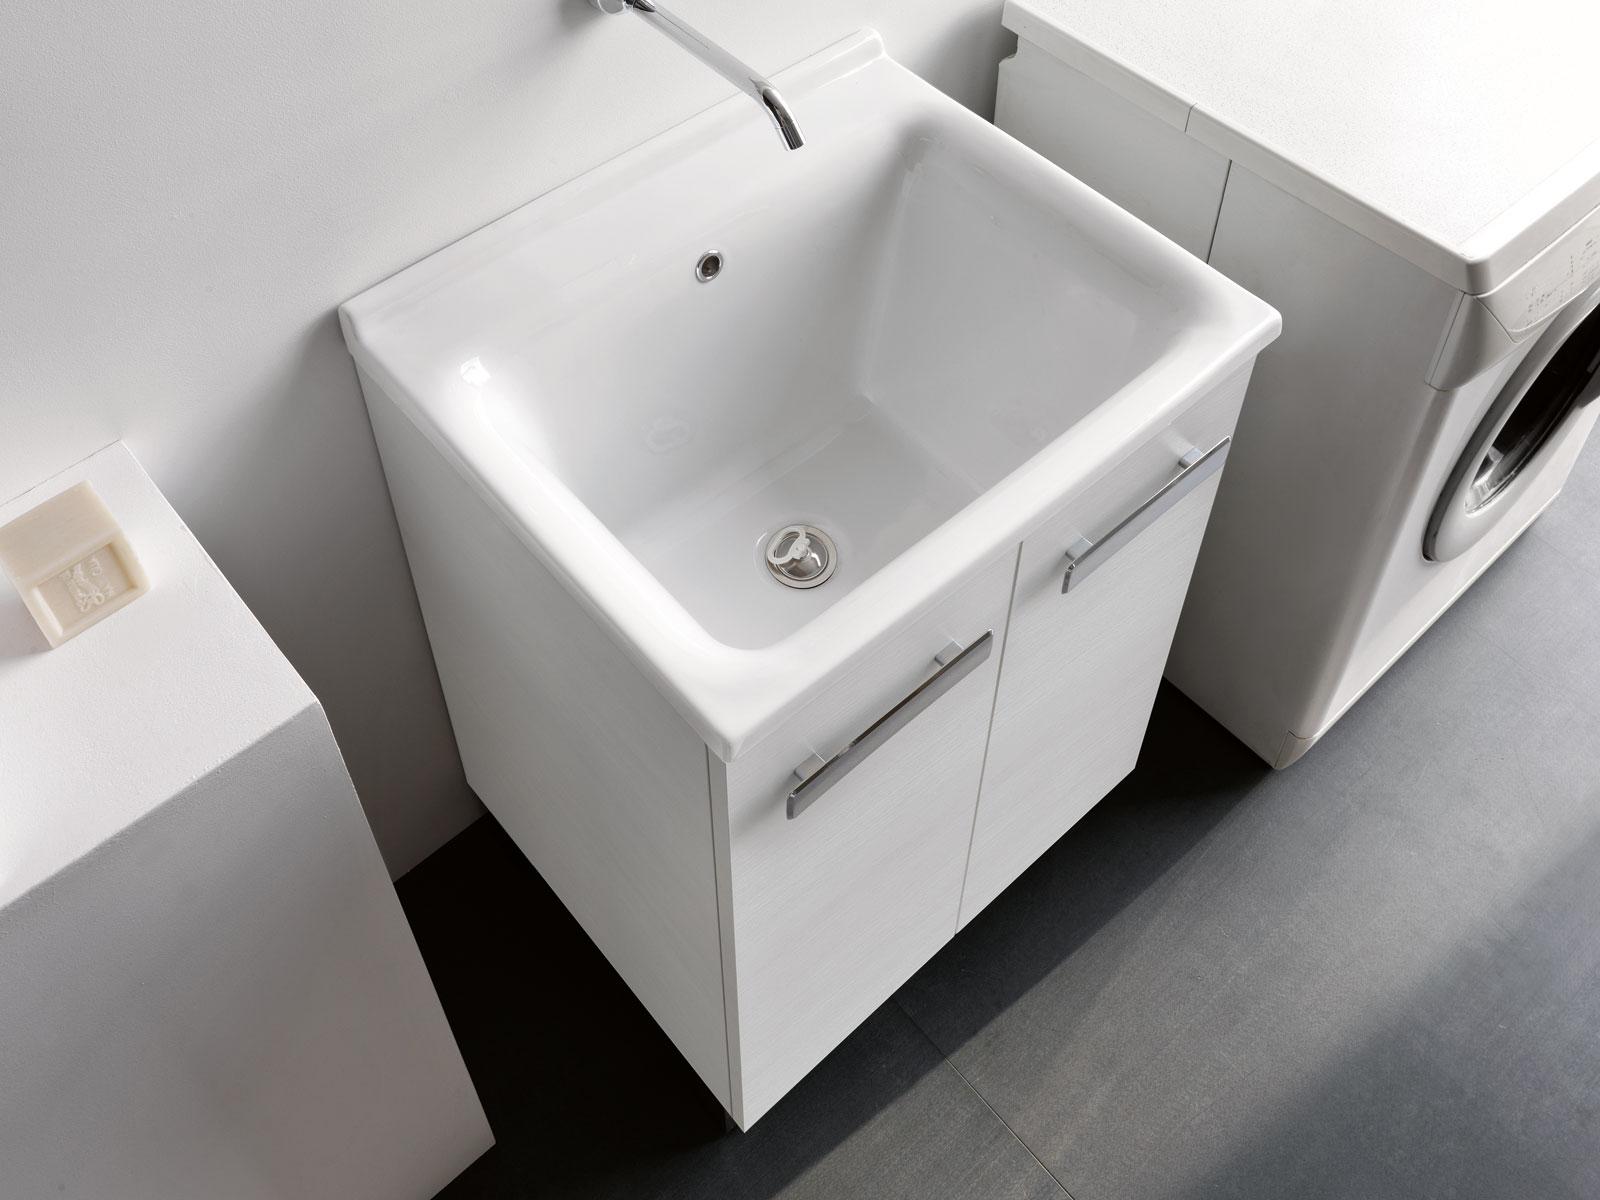 Mobili lavatoio con lavatoio in ceramica Sanitari bagno